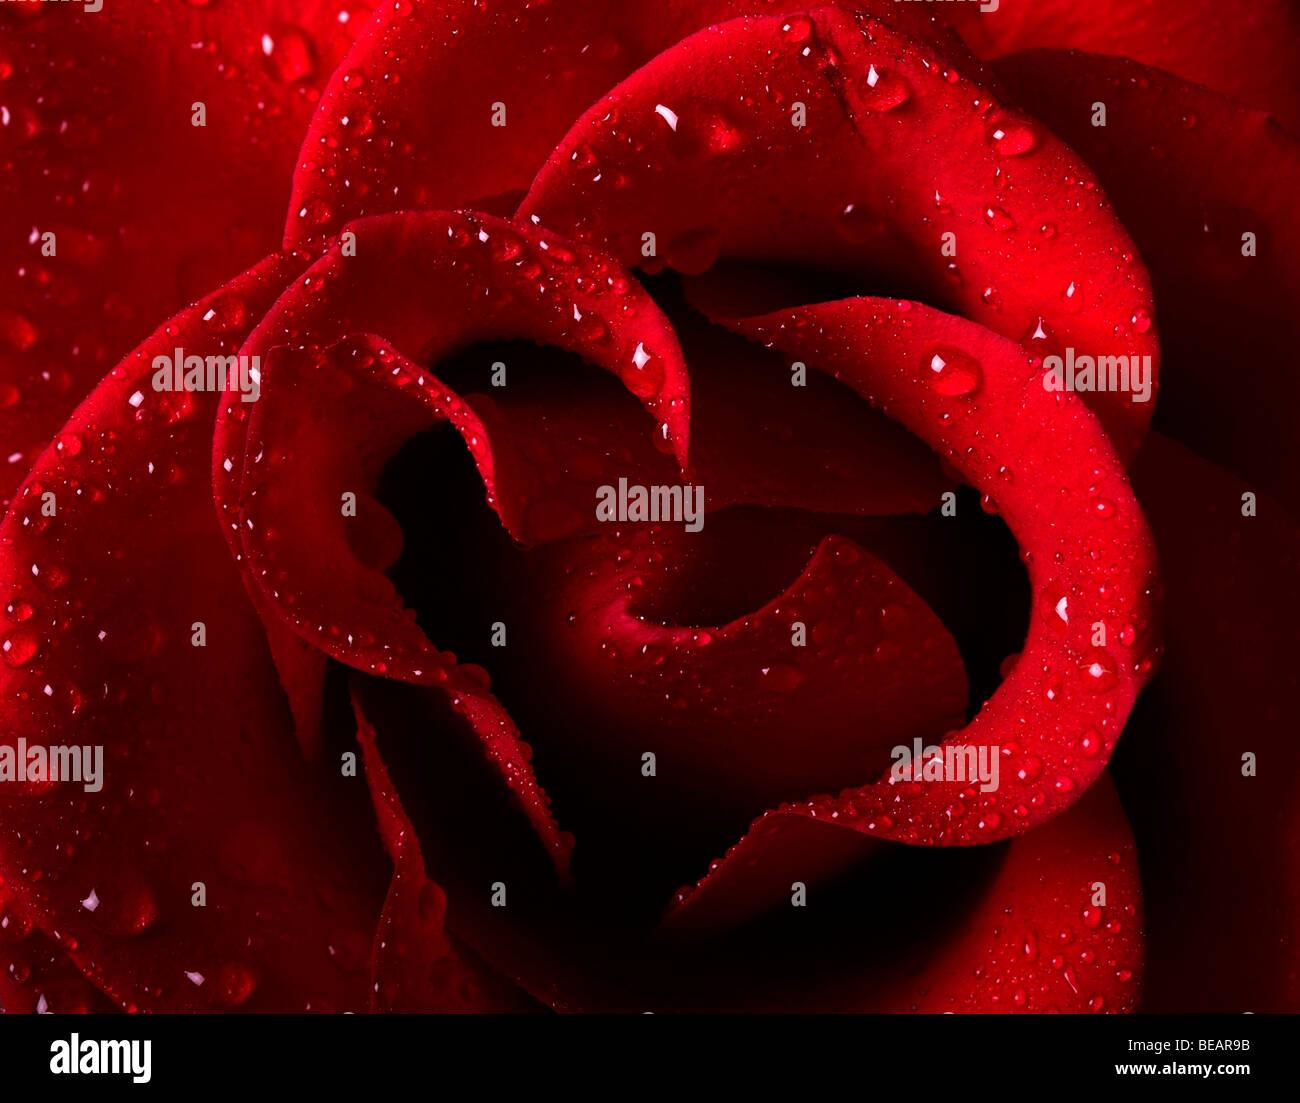 Nahaufnahme Bild von einer schönen roten Rose mit Wasser Tropfen Stockbild